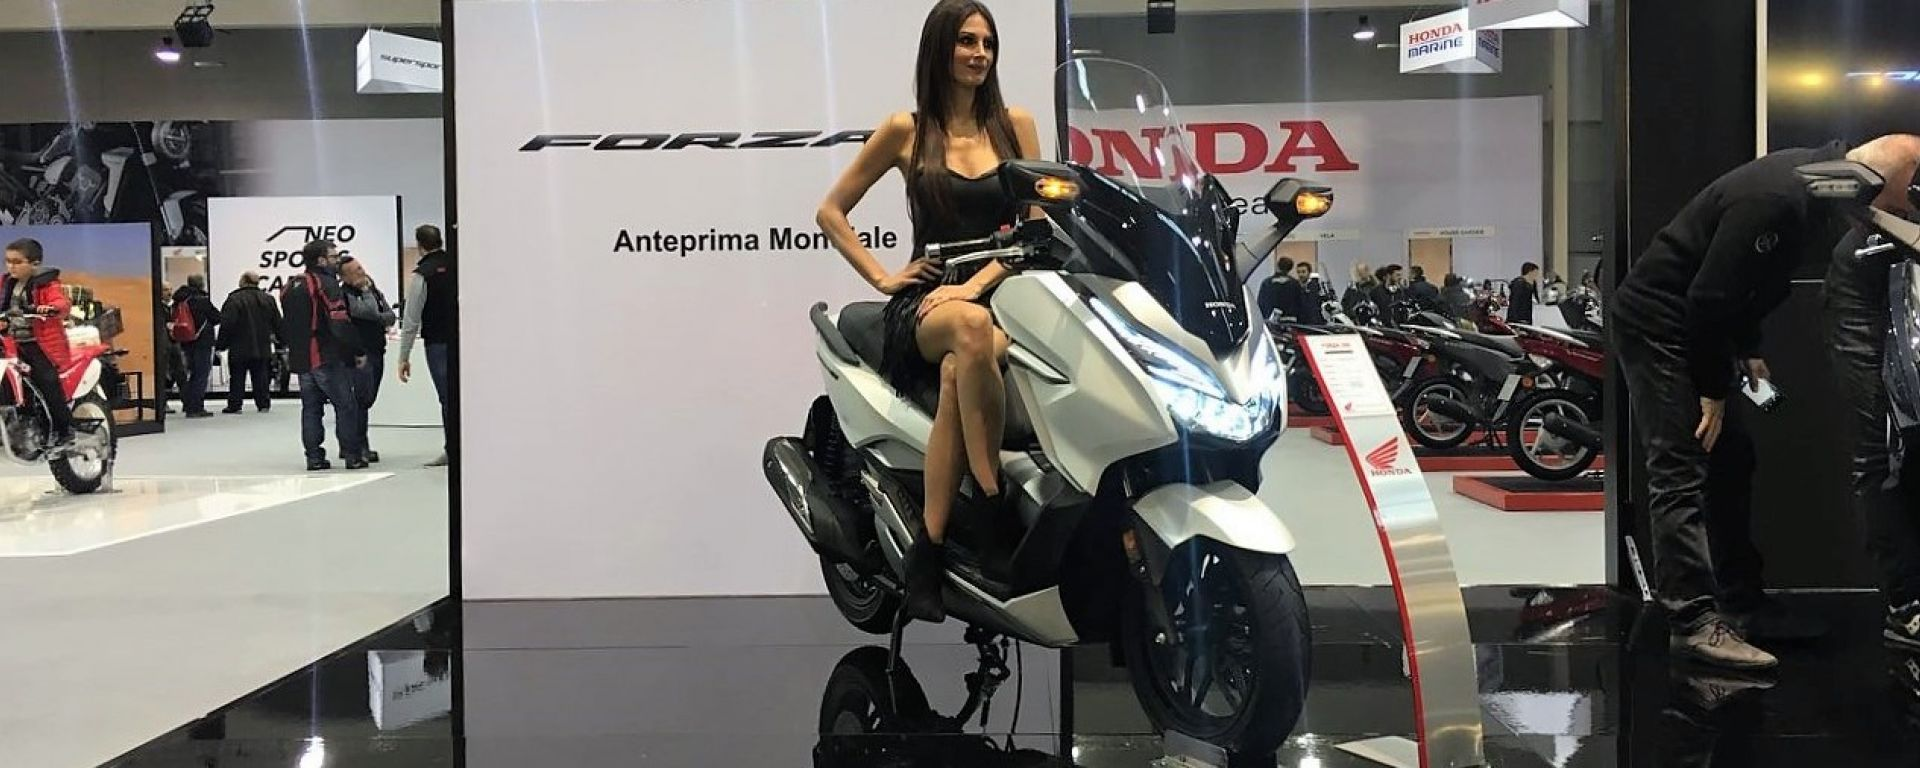 Nuovo Honda Forza 300 2018: l'anteprima mondiale al Motodays di Roma